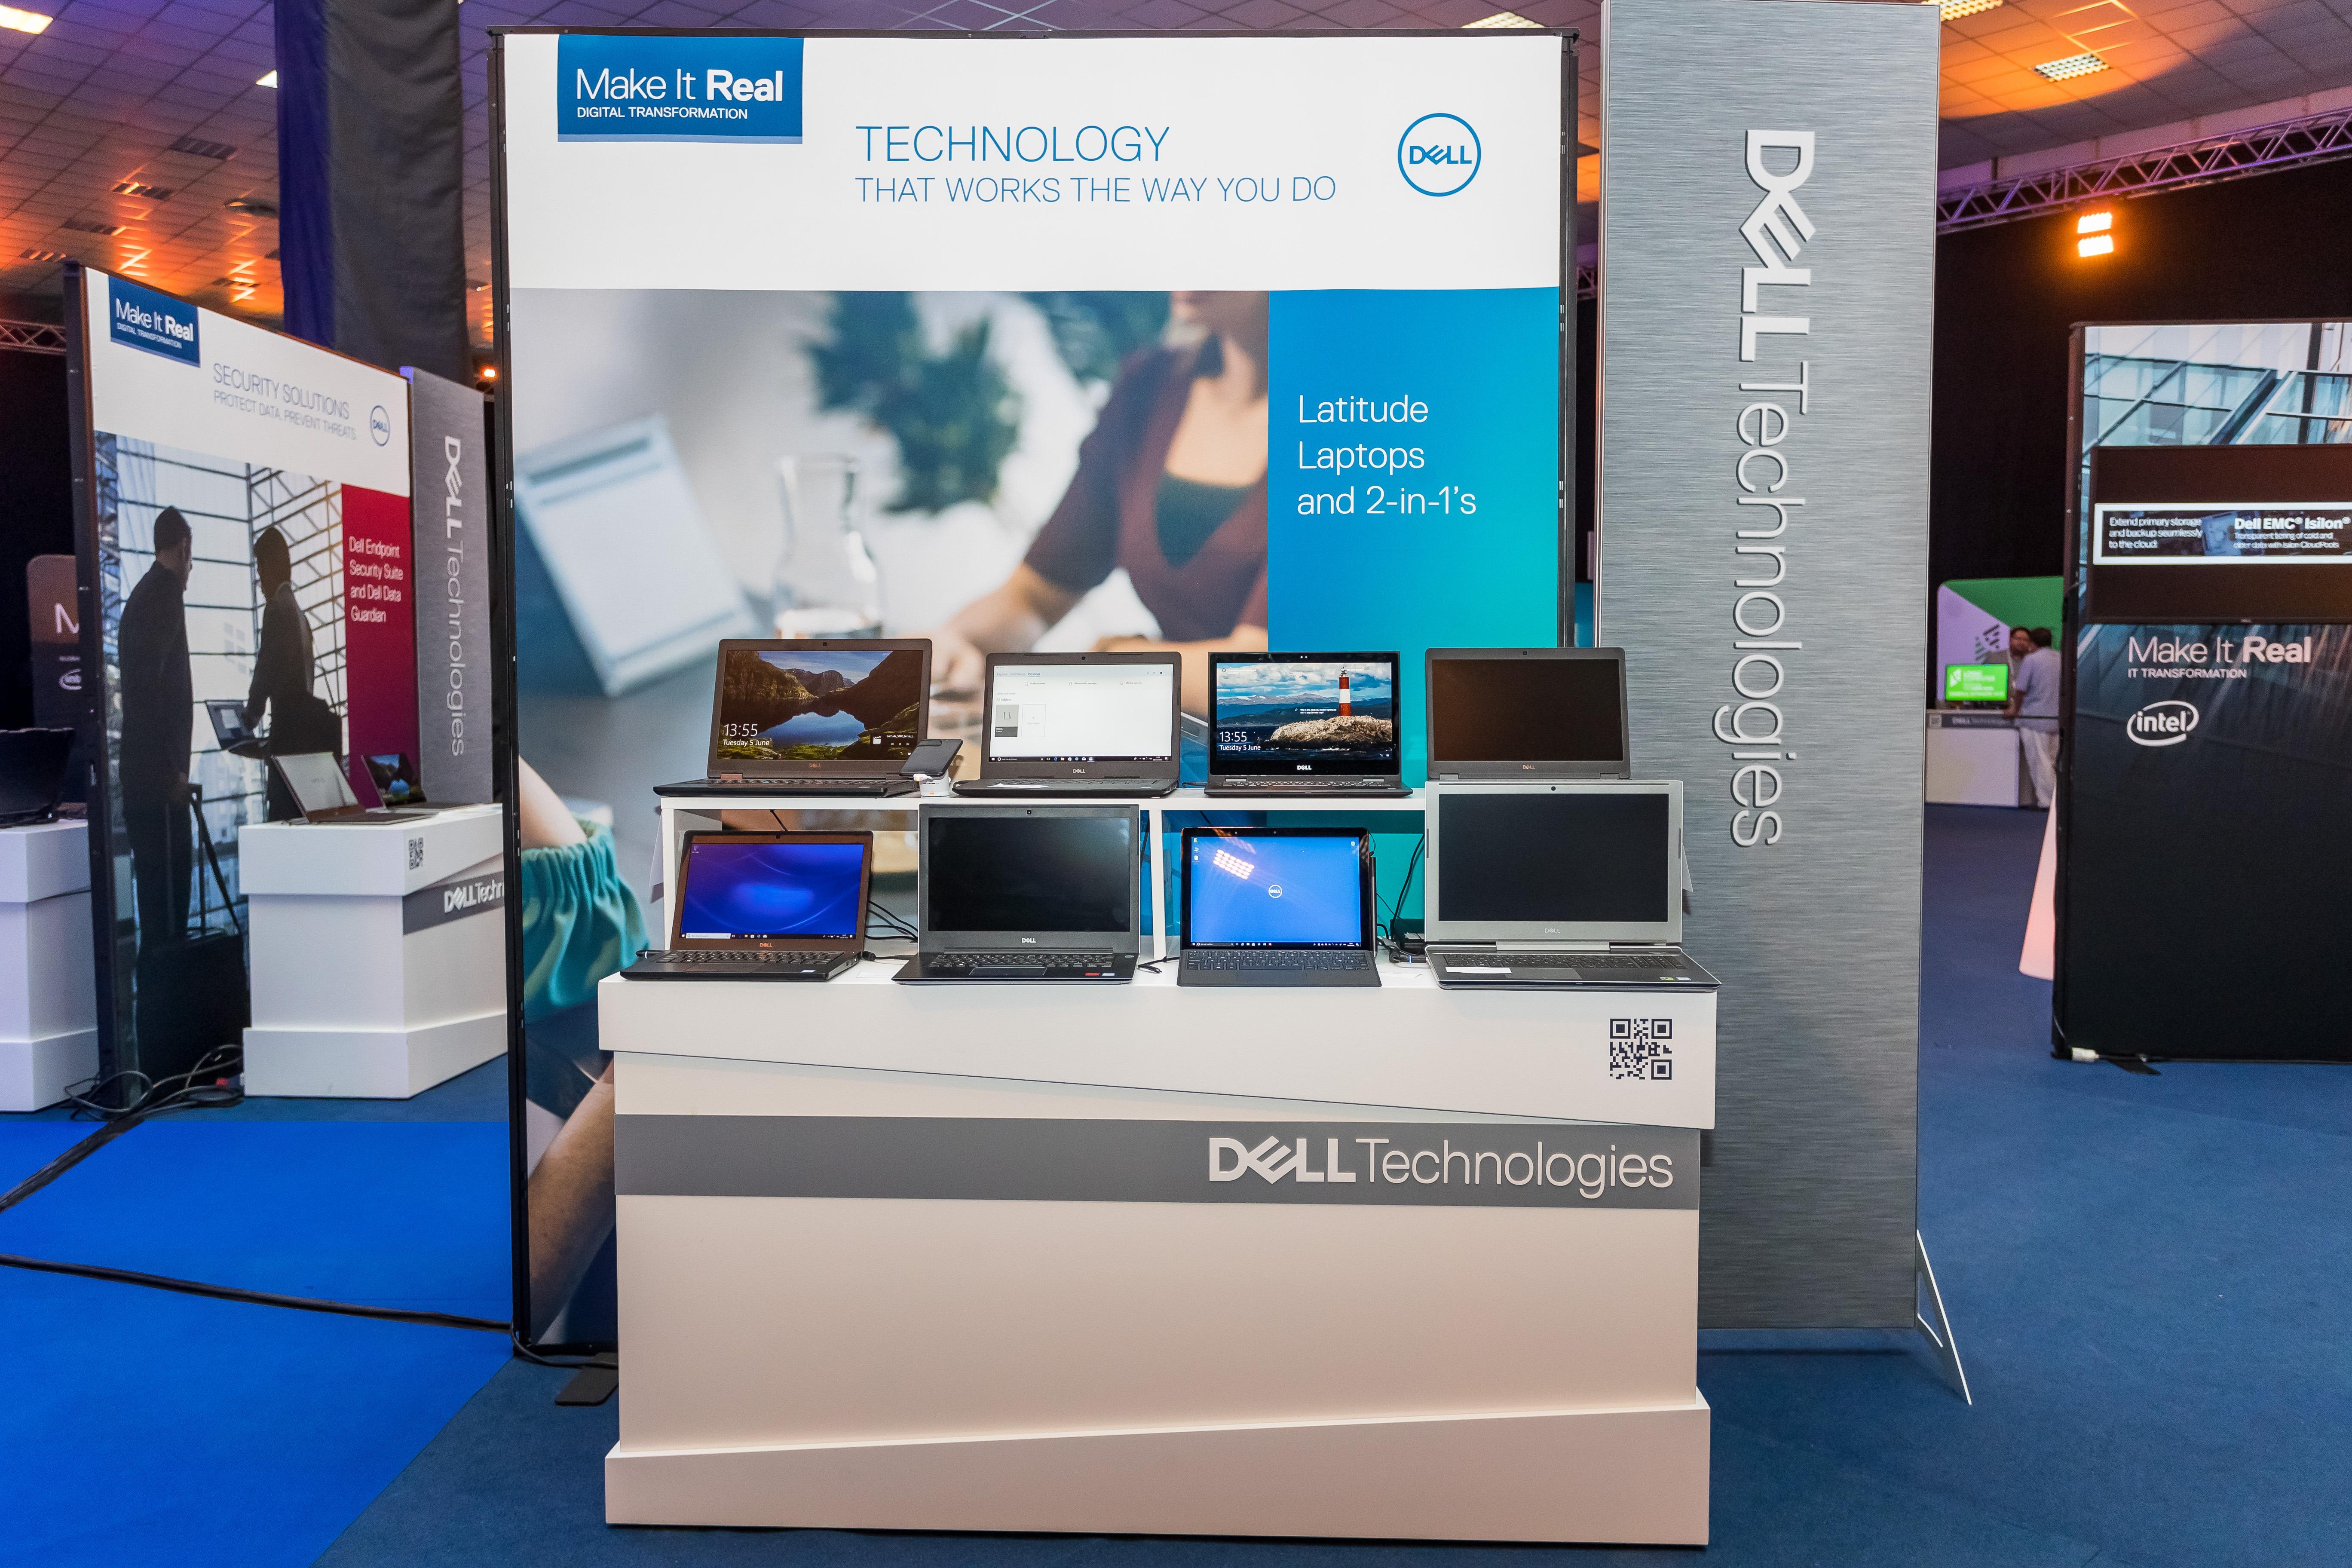 Cele mai recente produse și soluții IT la Dell Technologies Forum 2018